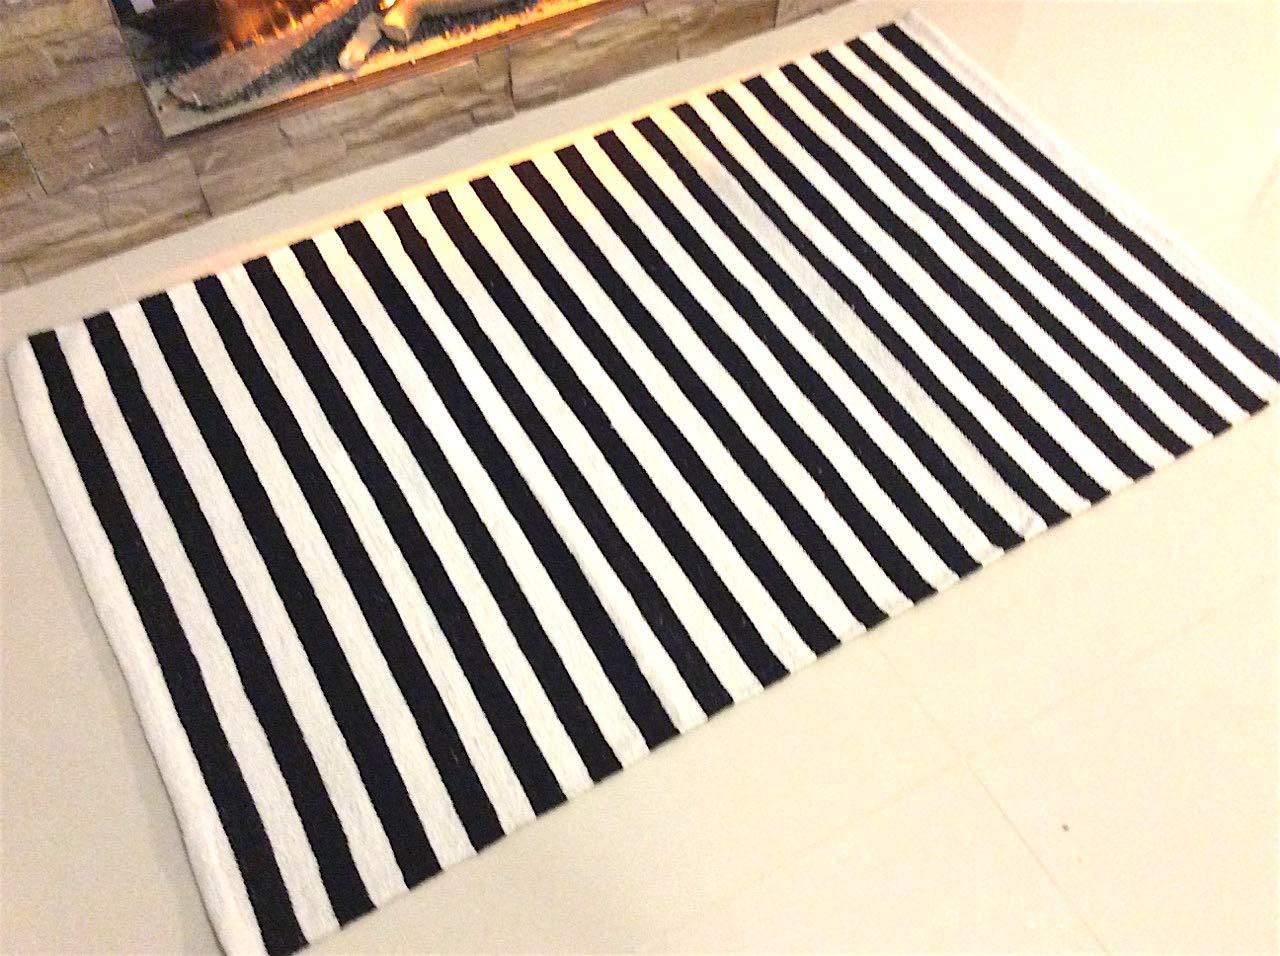 Medium 9 Black /& White Eco friendly a righe bianco e nero a mano in cotone naturale commercio equo e solidale reversibile e lavabile in lavatrice con frange tessuto piano tappeto passatoia kilim Dhurrie tappeto tappetino 60/x 90/cm 100/% Cotone